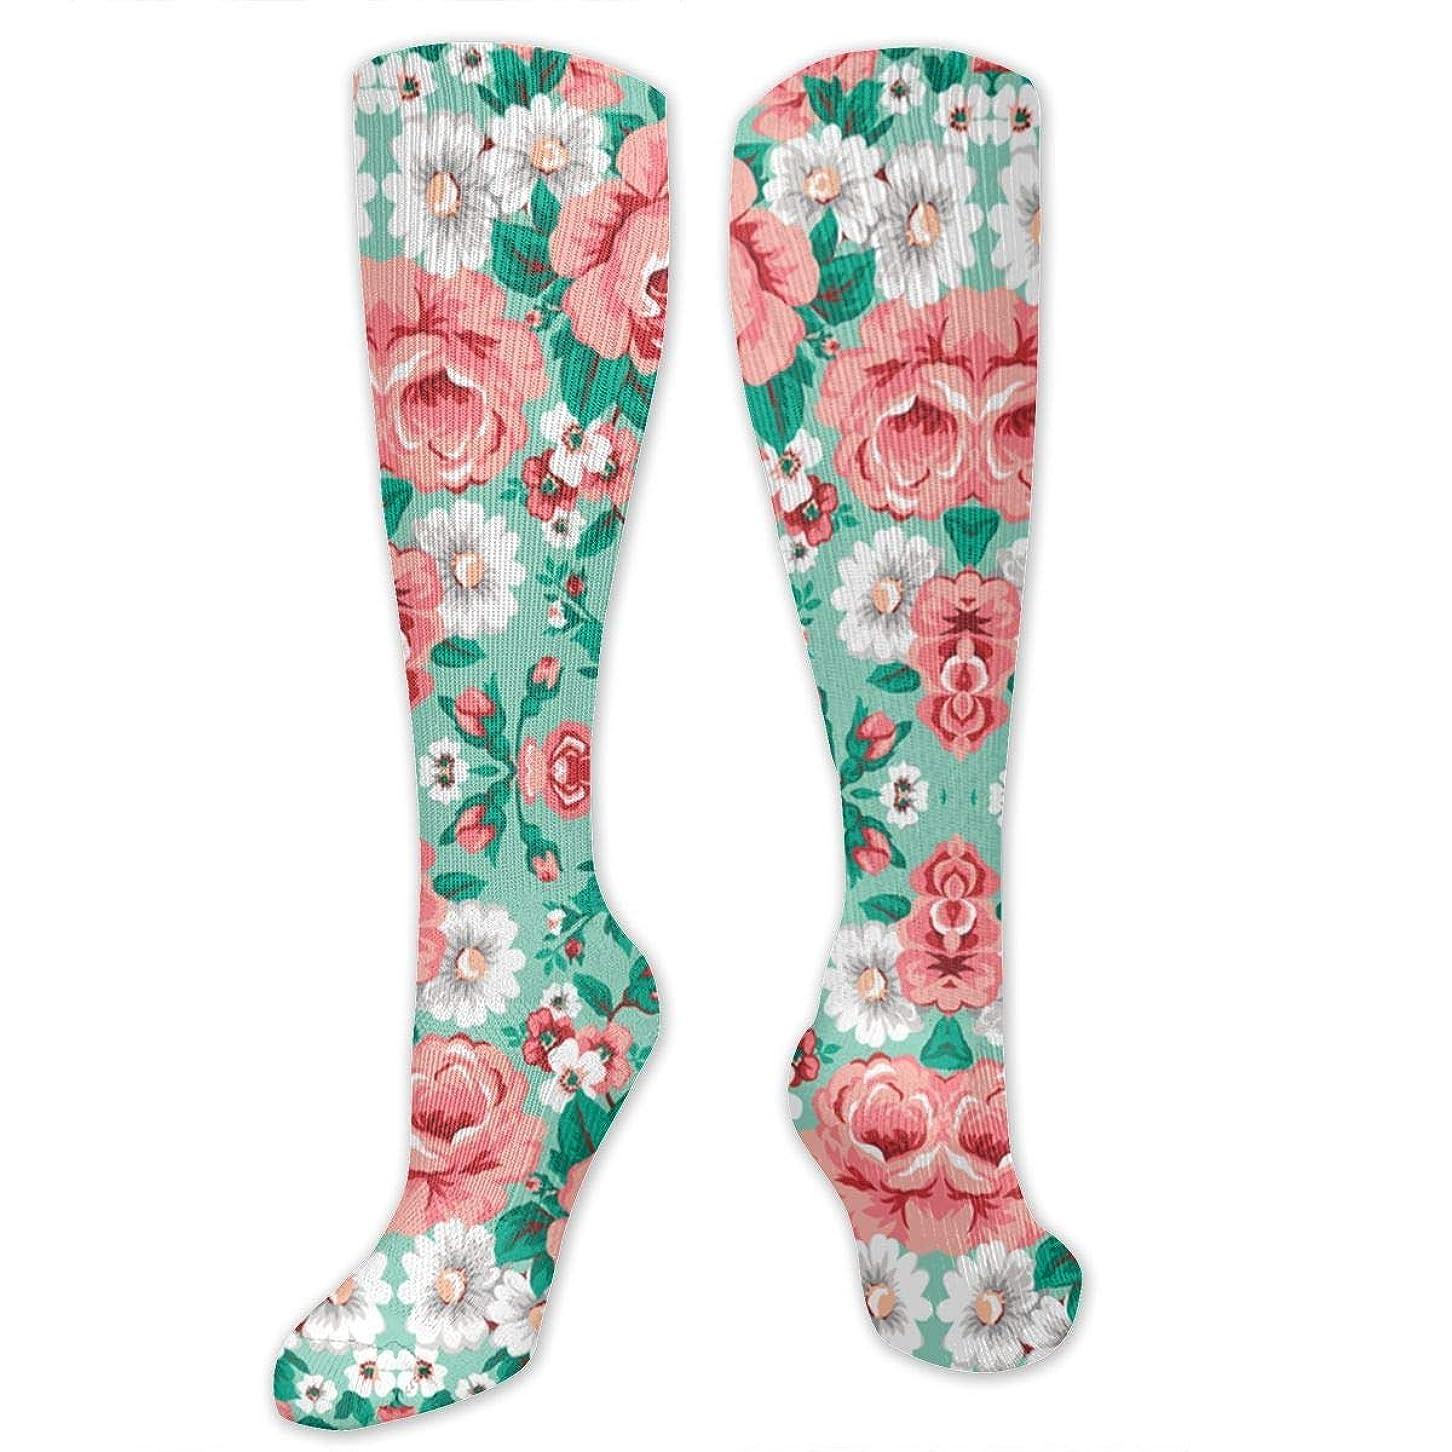 アクセル船上従事した靴下,ストッキング,野生のジョーカー,実際,秋の本質,冬必須,サマーウェア&RBXAA Floral with Roses in Mint Socks Women's Winter Cotton Long Tube Socks Cotton Solid & Patterned Dress Socks